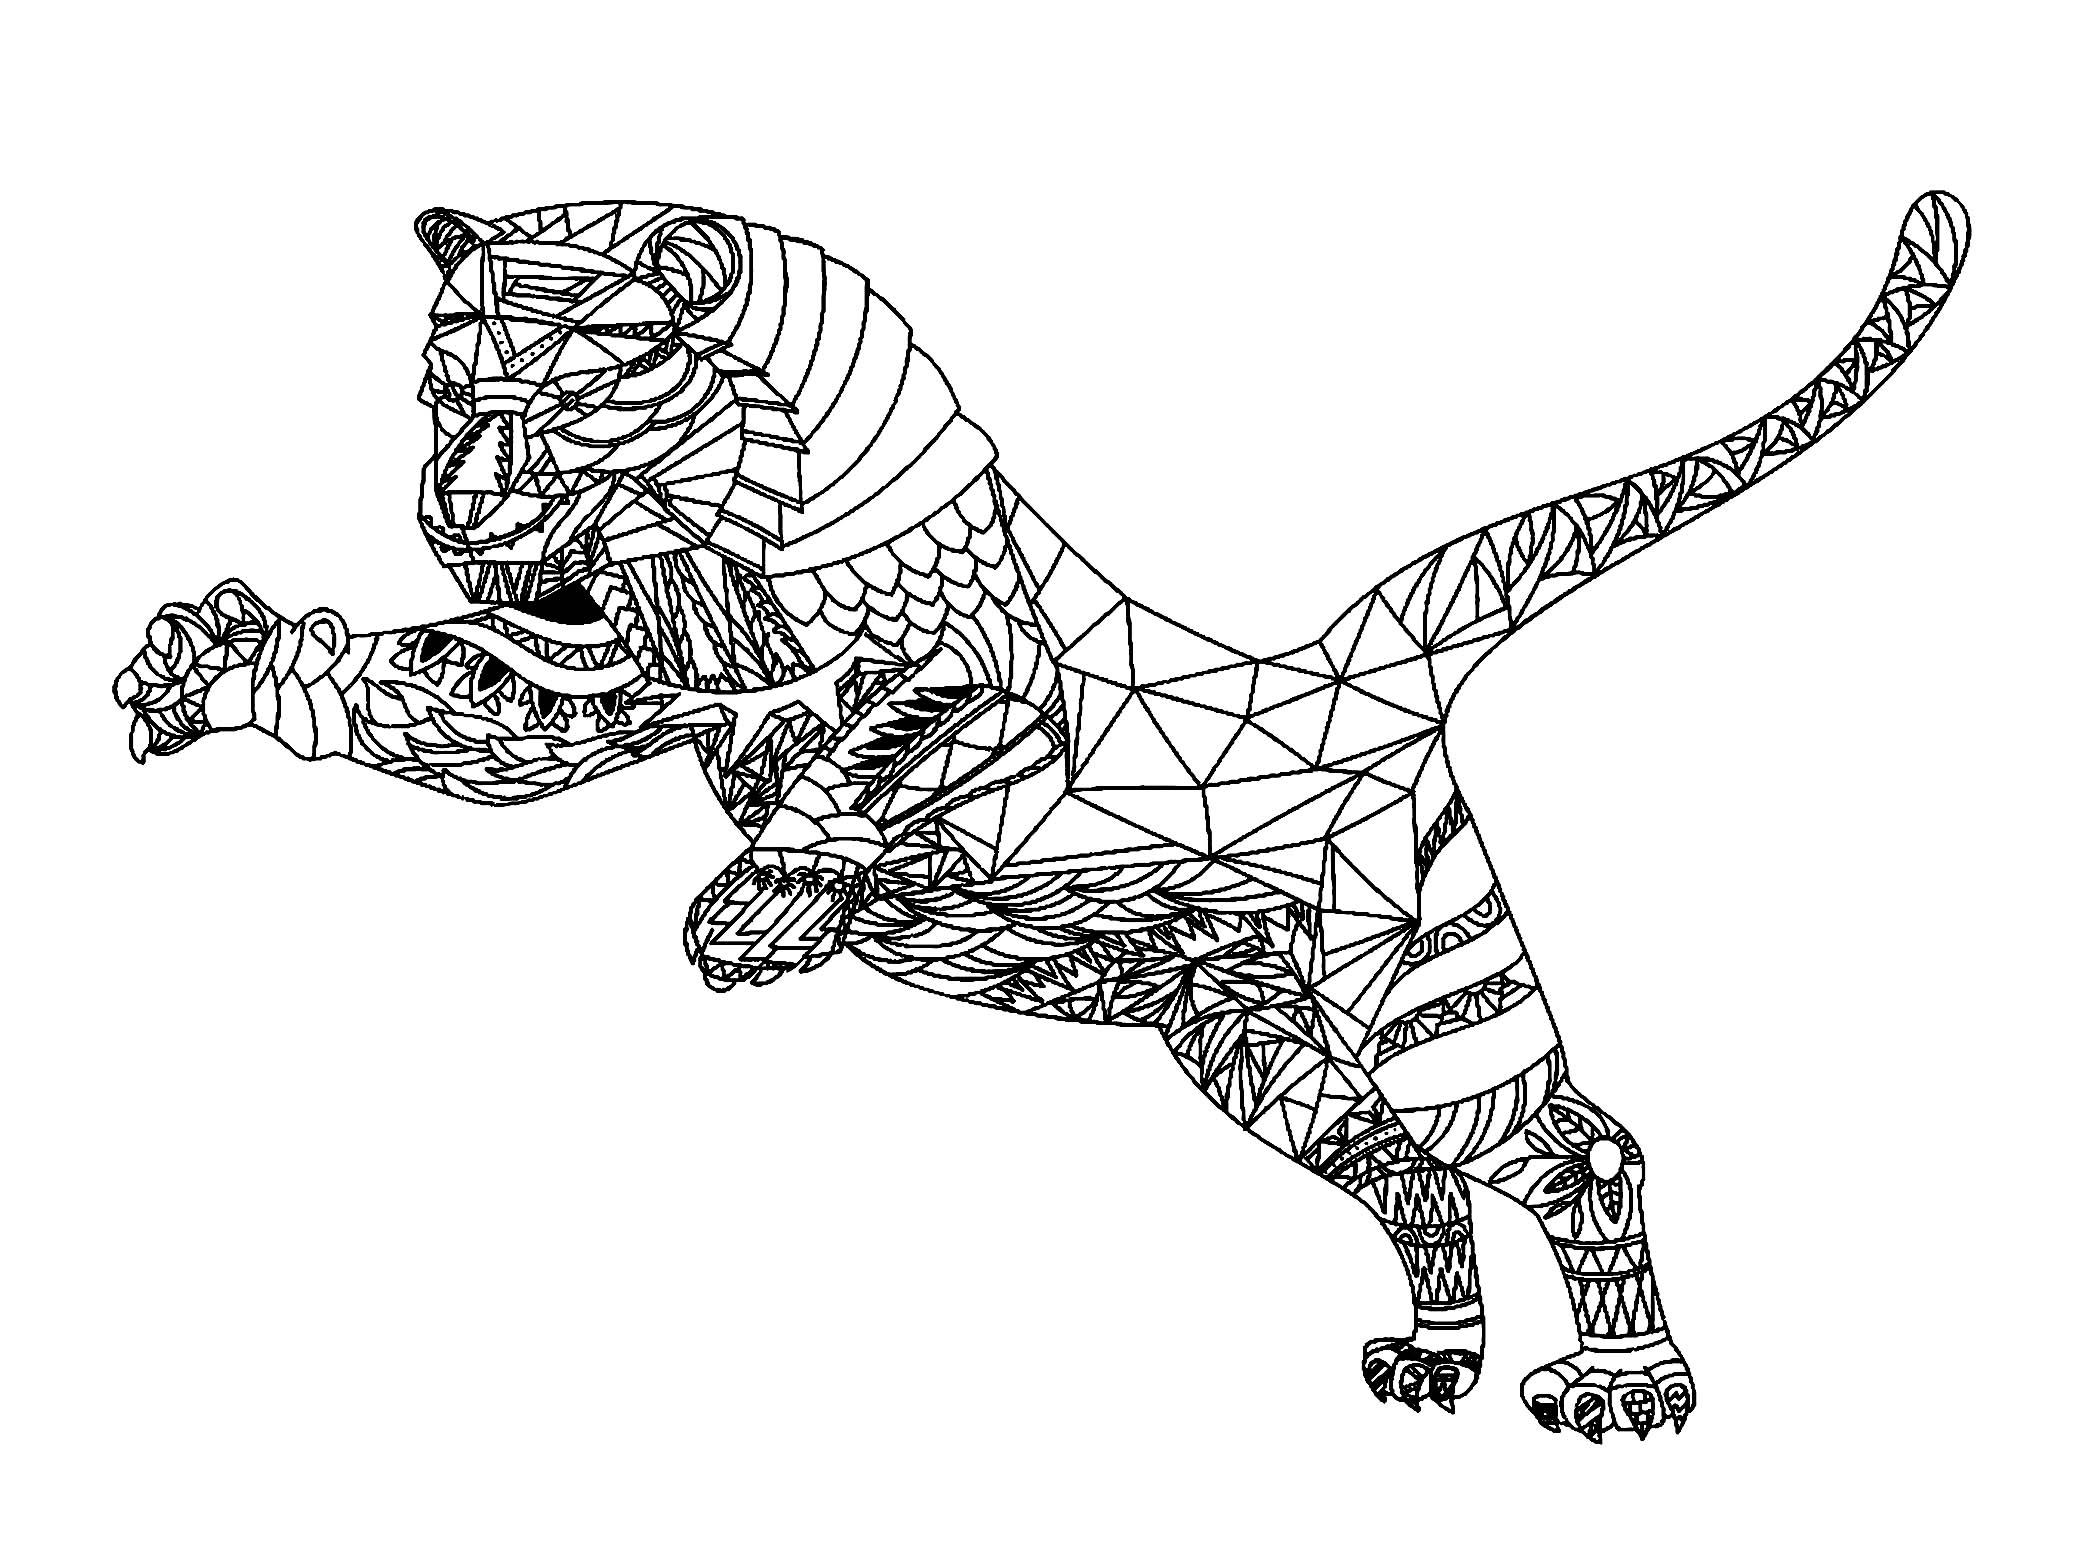 Tigre et motifs geometriques tigres coloriages - Mandalas de tigres ...